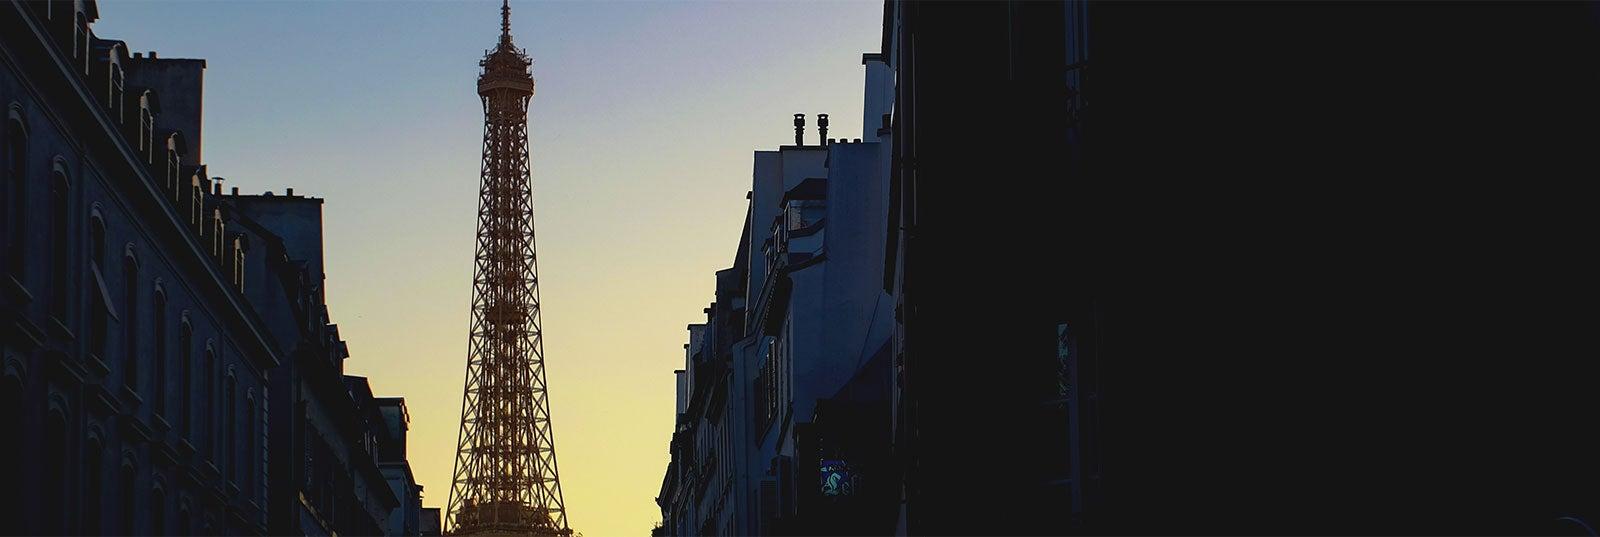 Guía turística de Paris